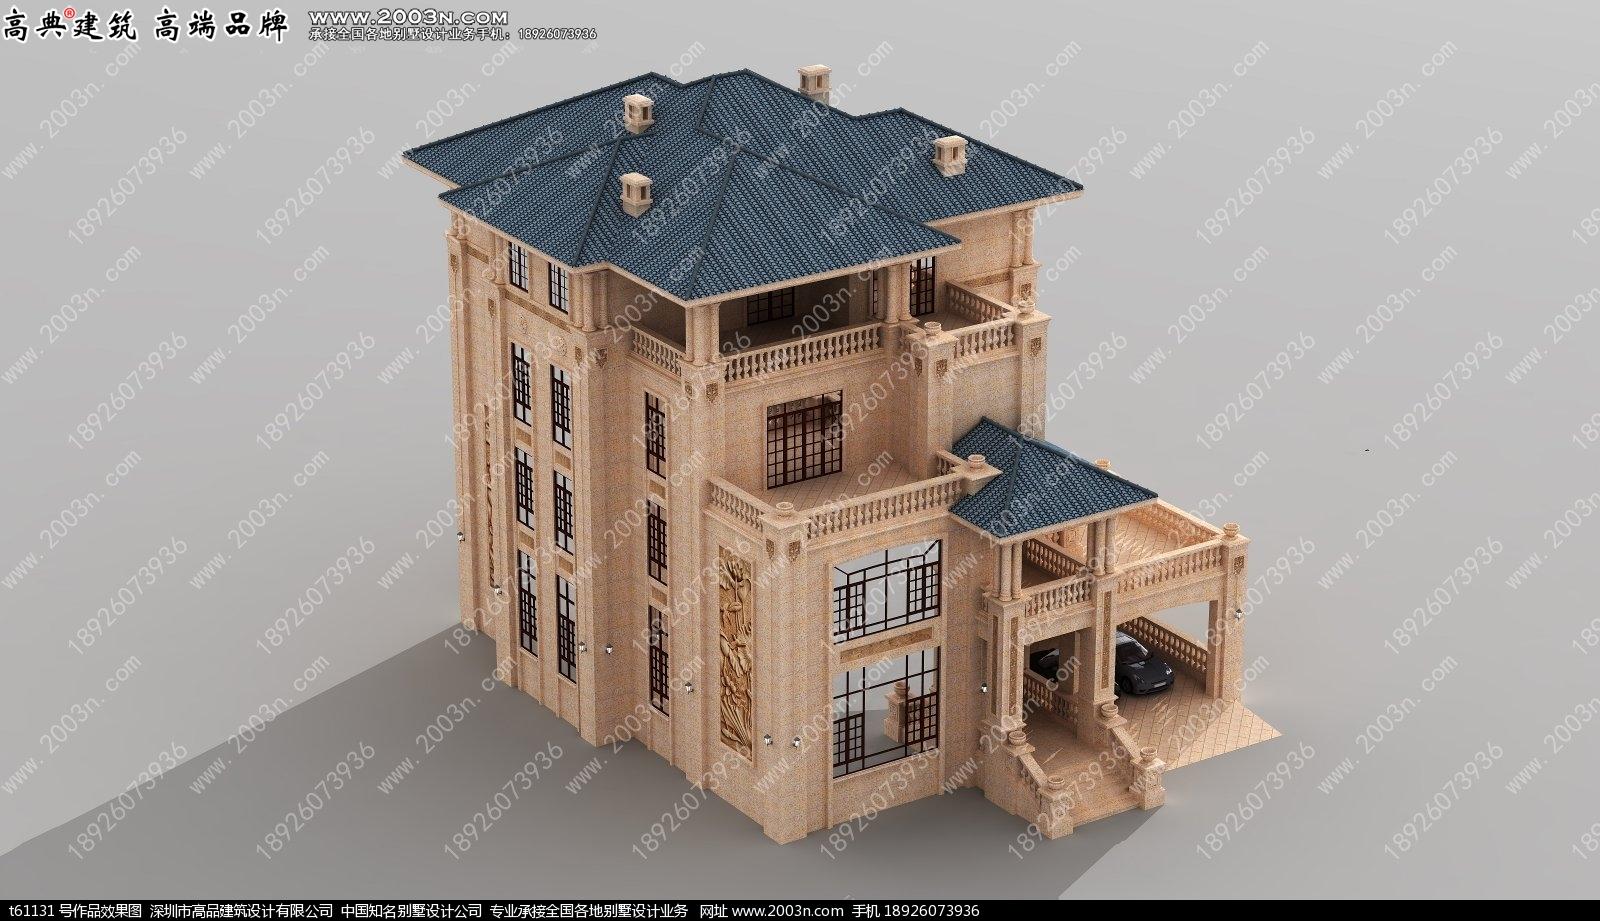 四层超豪华纯石材干挂别墅设计图t61131实景图片